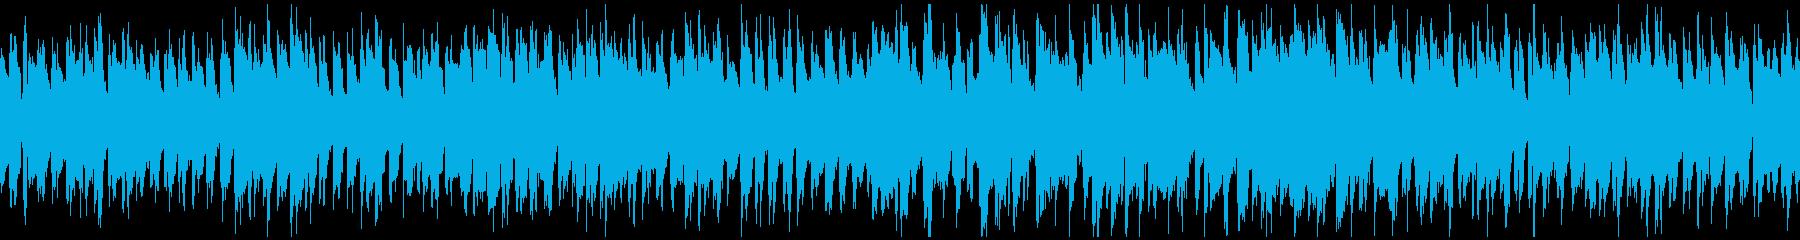 コミカルな行進っぽいリコーダー※ループ版の再生済みの波形